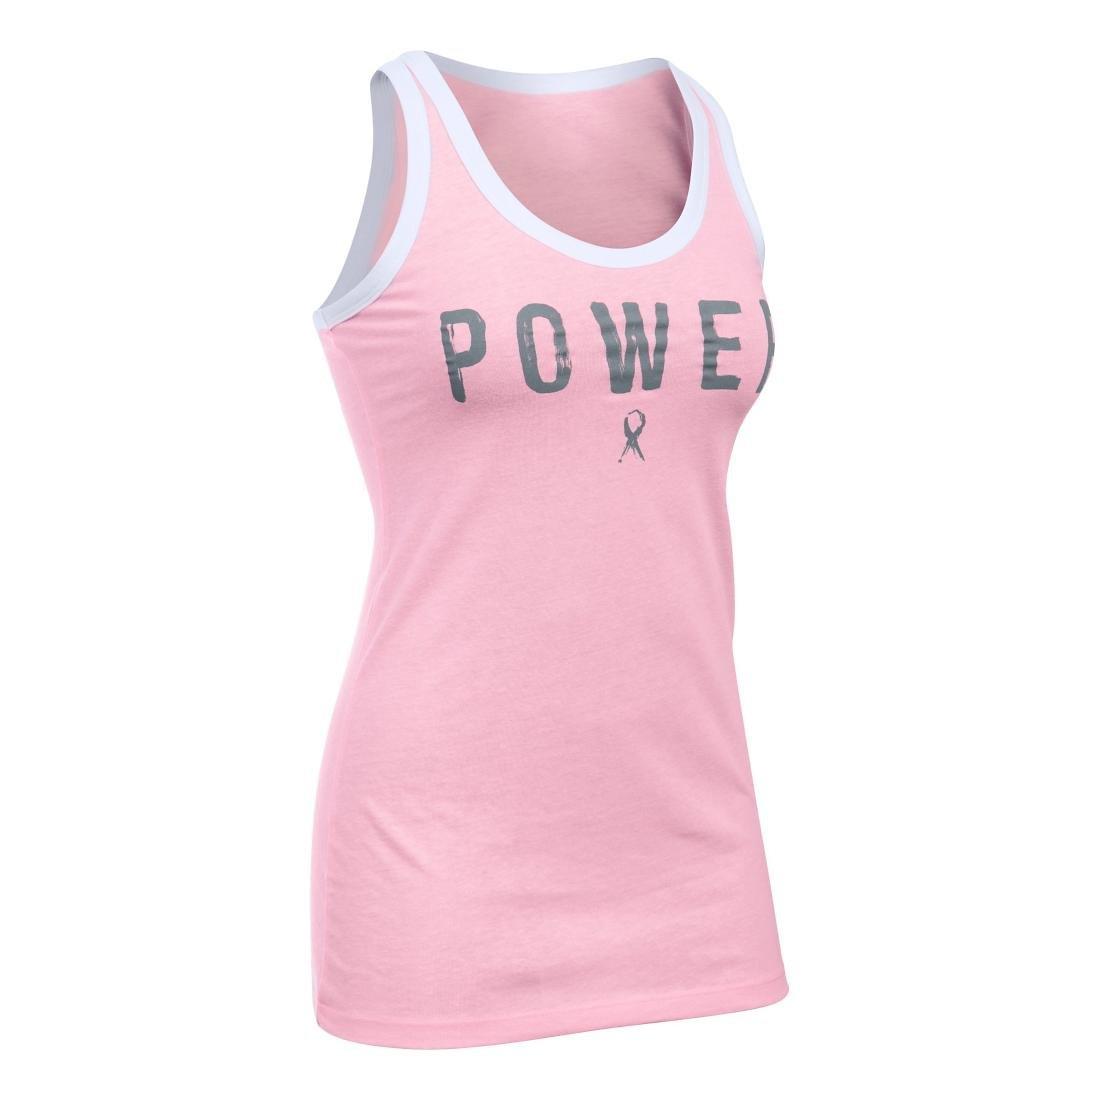 74a8ba5cf836 Power 's Women Armour Under inピンクFearless B01JMA1P2A ピンク ...